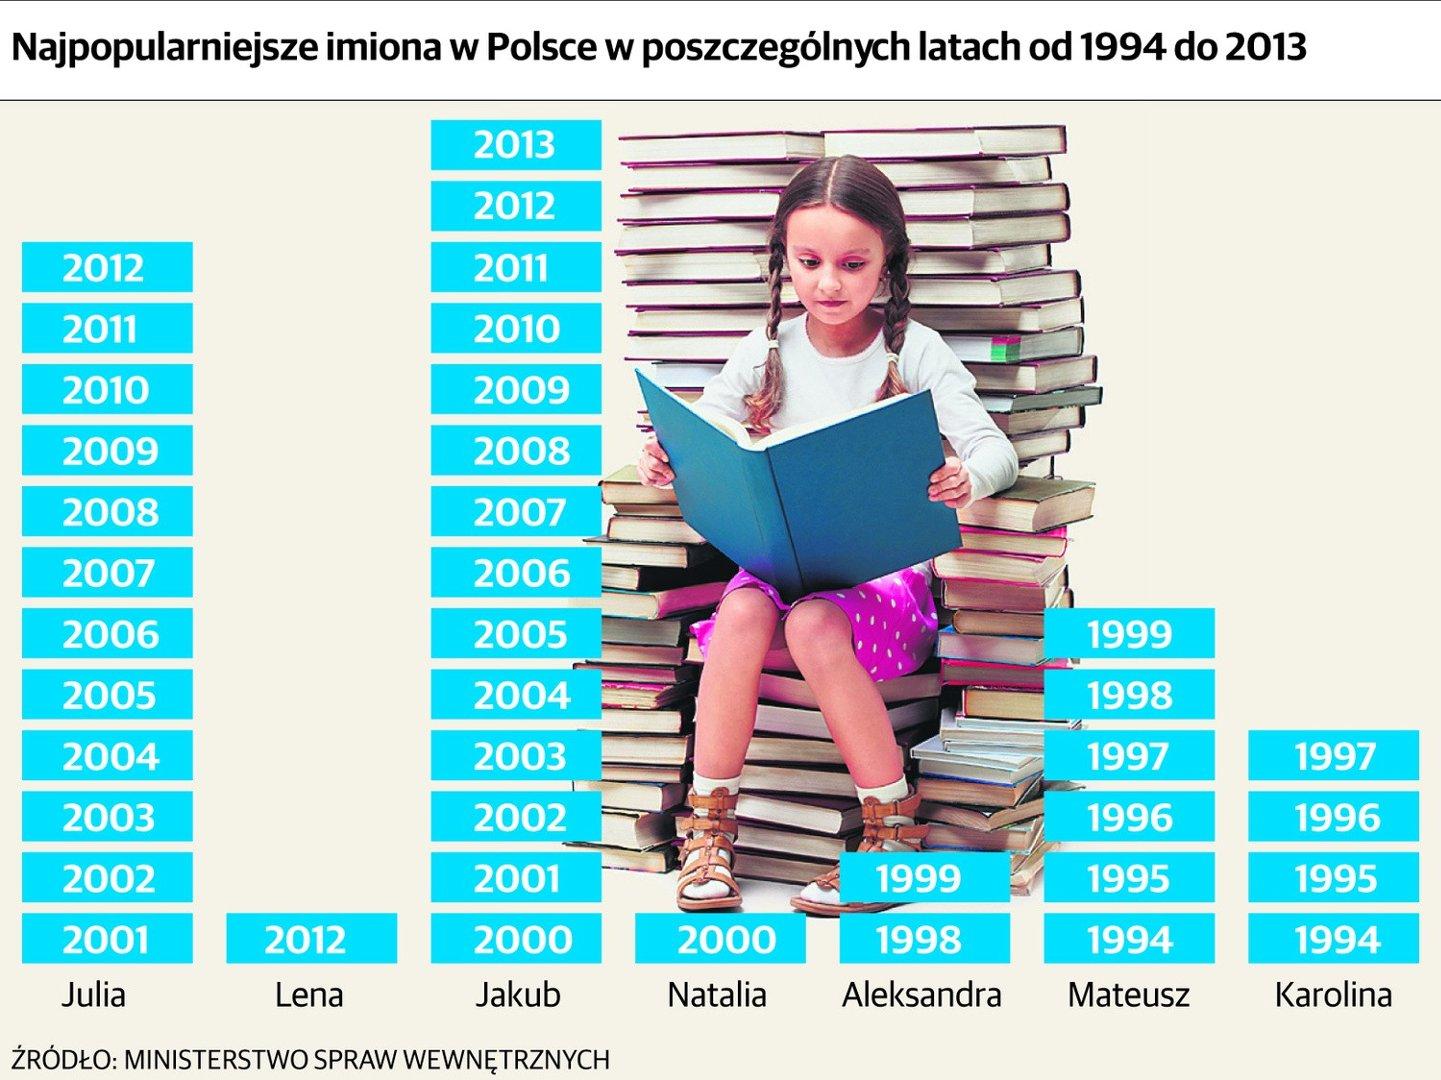 07bc1232ef Najpopularniejsze imiona w Łodzi to Jakub i Lena